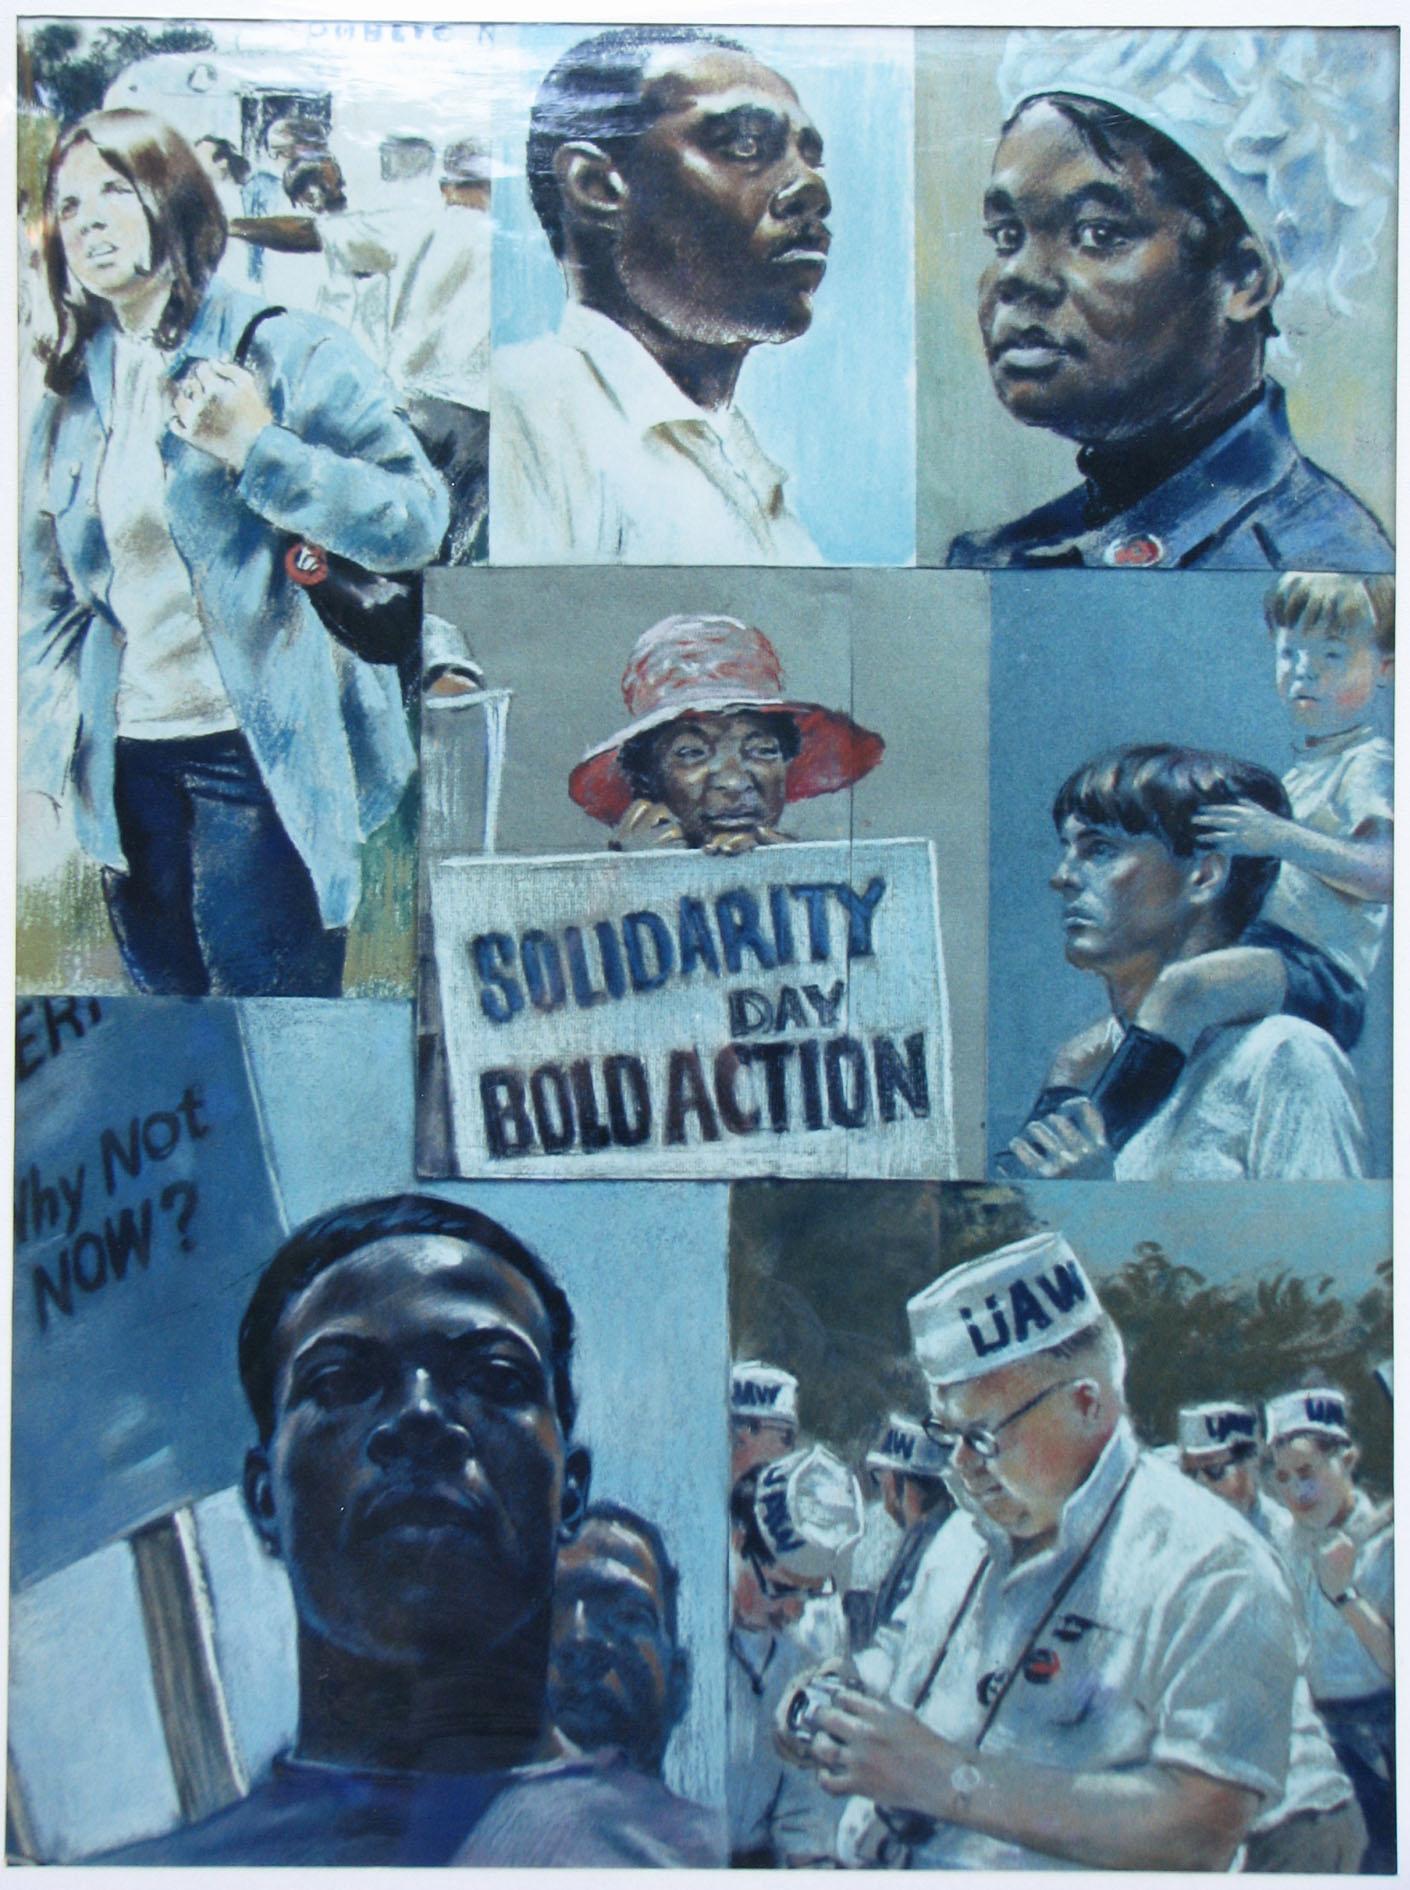 20-SolidarityDay